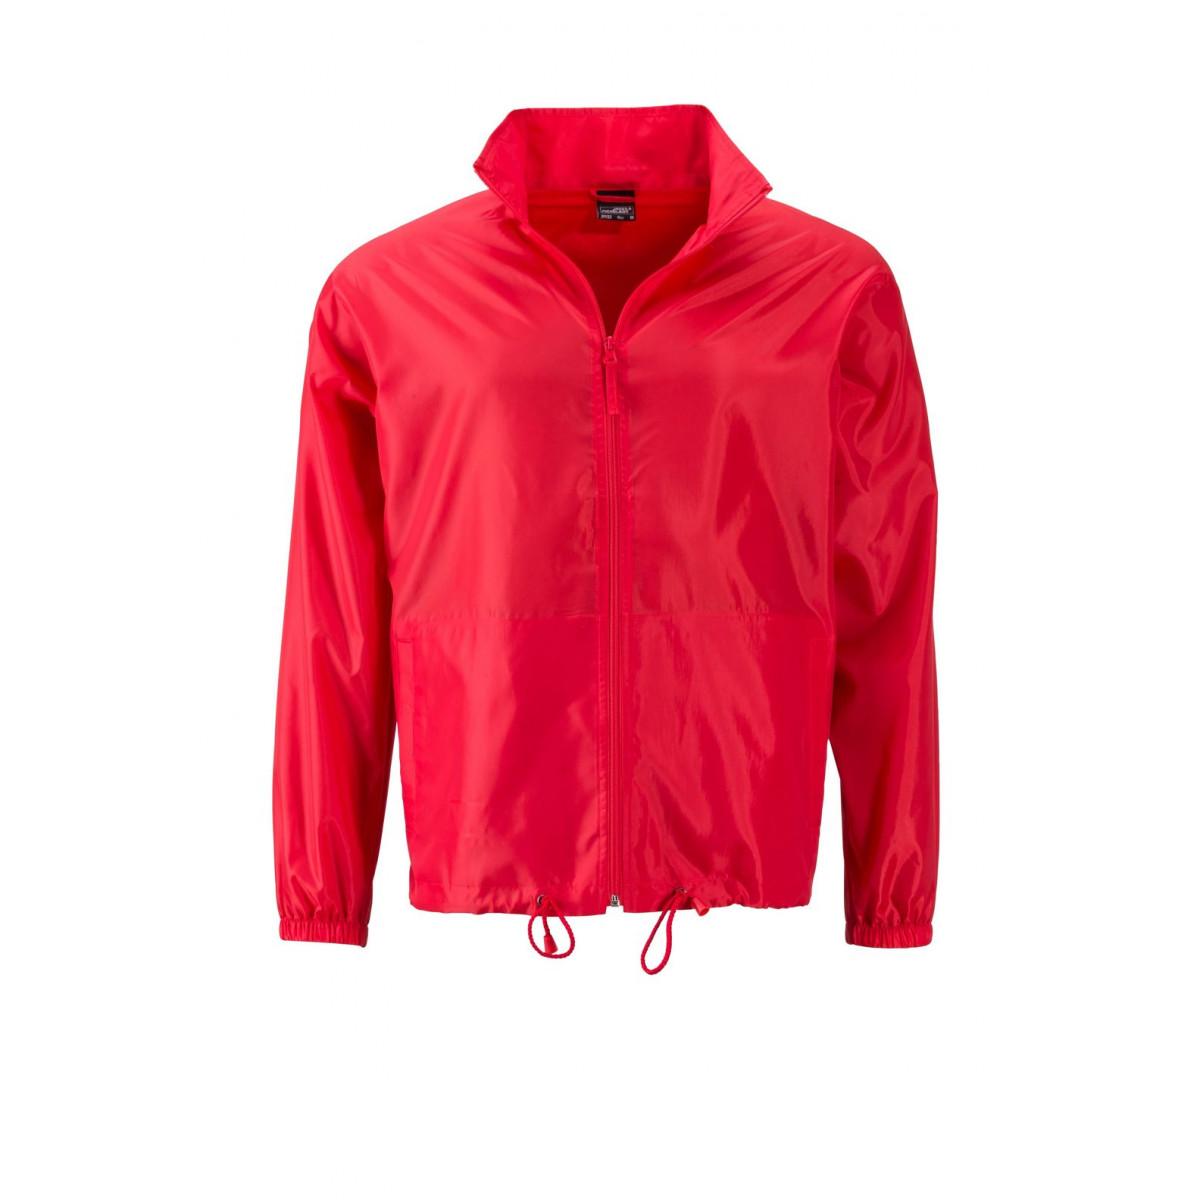 Куртка мужская JN1132 Mens Promo Jacket - Светло-красный